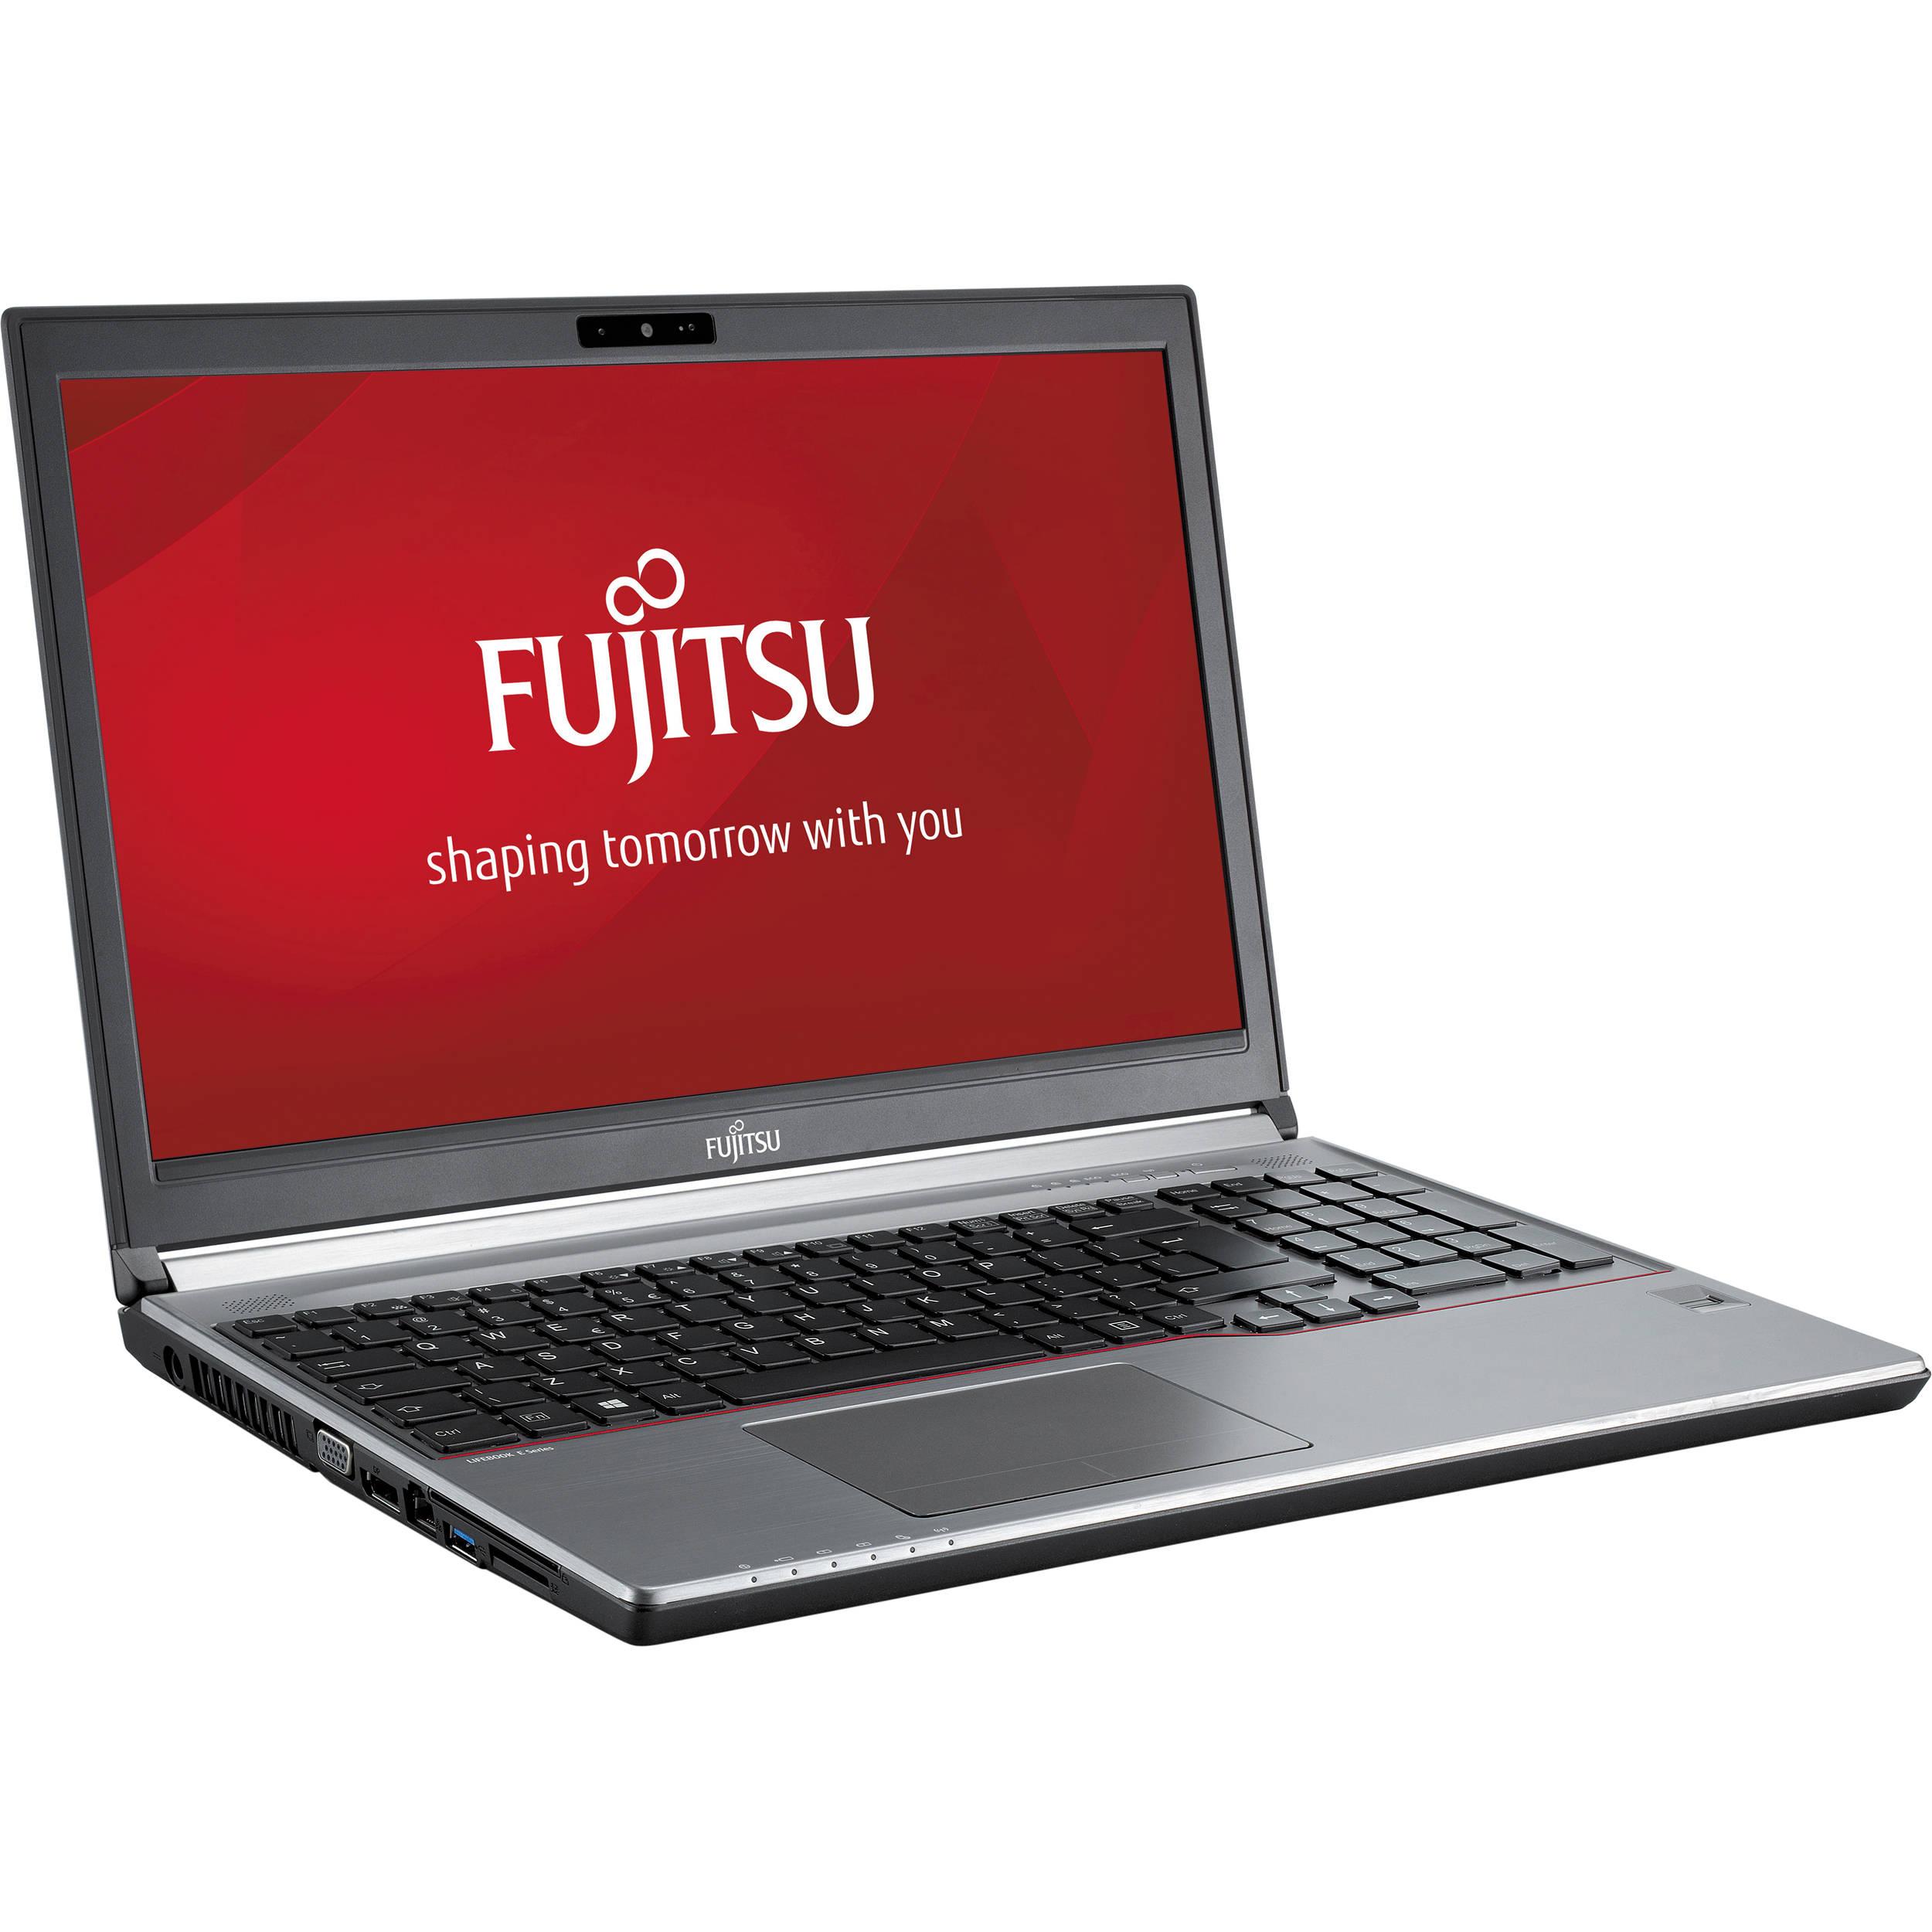 fujitsu_spfc_e753_001_lb_e753_i5_2_6_15_6_1019711.jpg